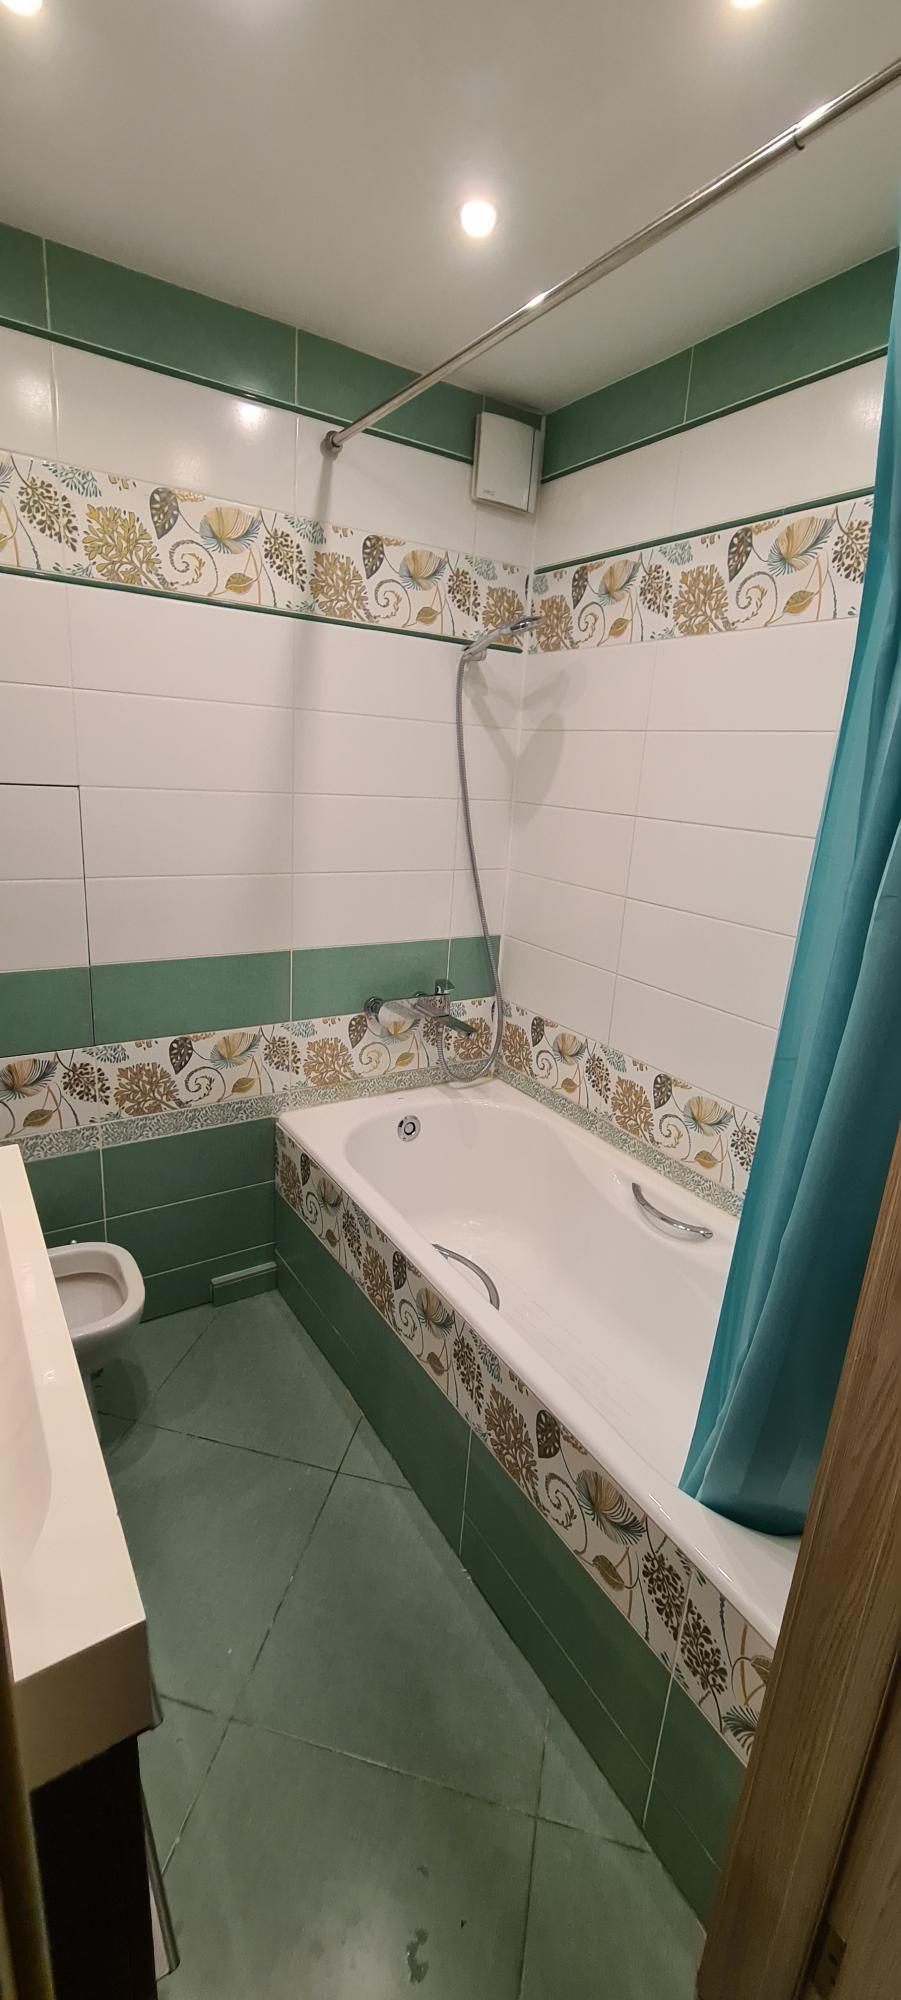 Квартира, 3 комнаты, 96 м² в Москве 89154177177 купить 5